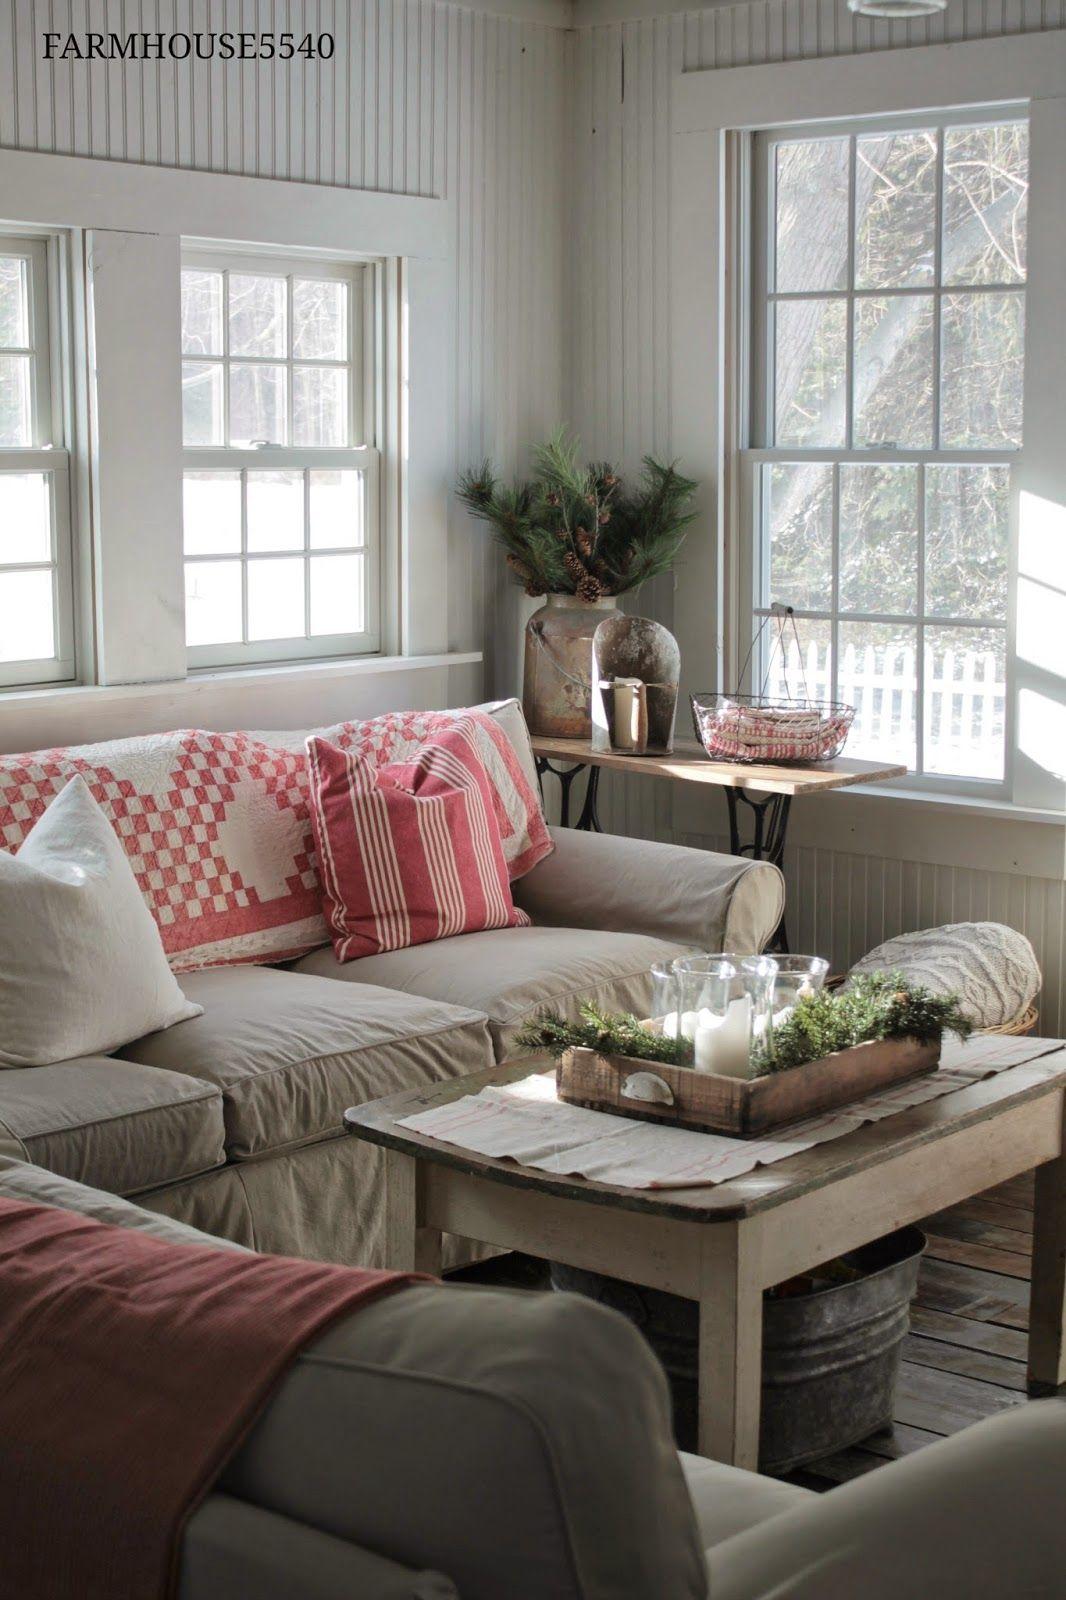 FARMHOUSE 5540: Merry Christmas!   Farm house living room ...